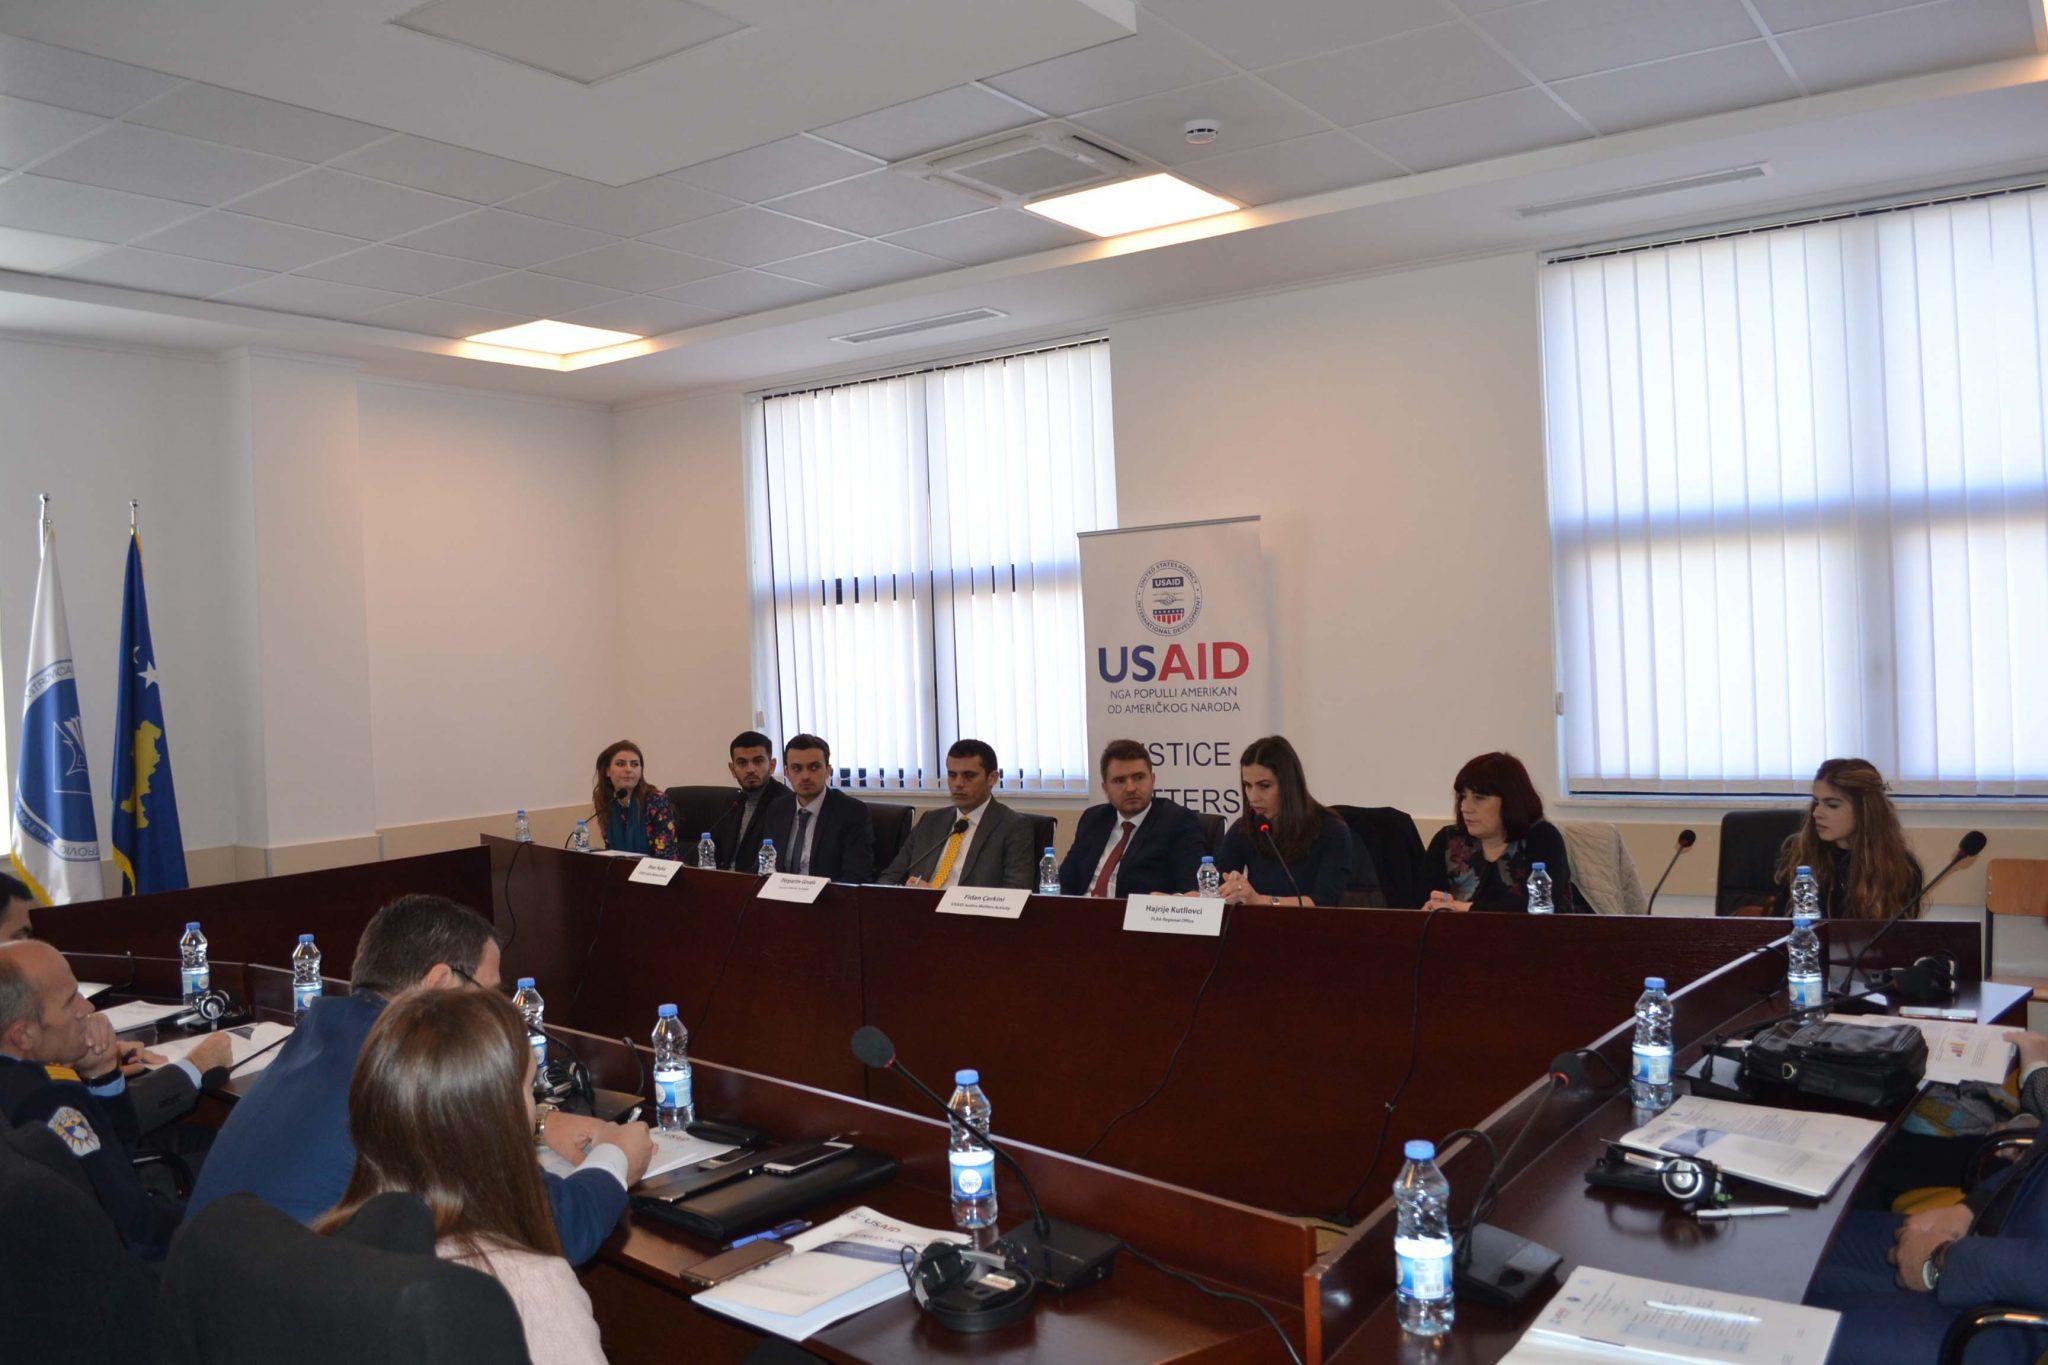 Trajnim I Organizuar Nga USAID (dhjetor 2018)